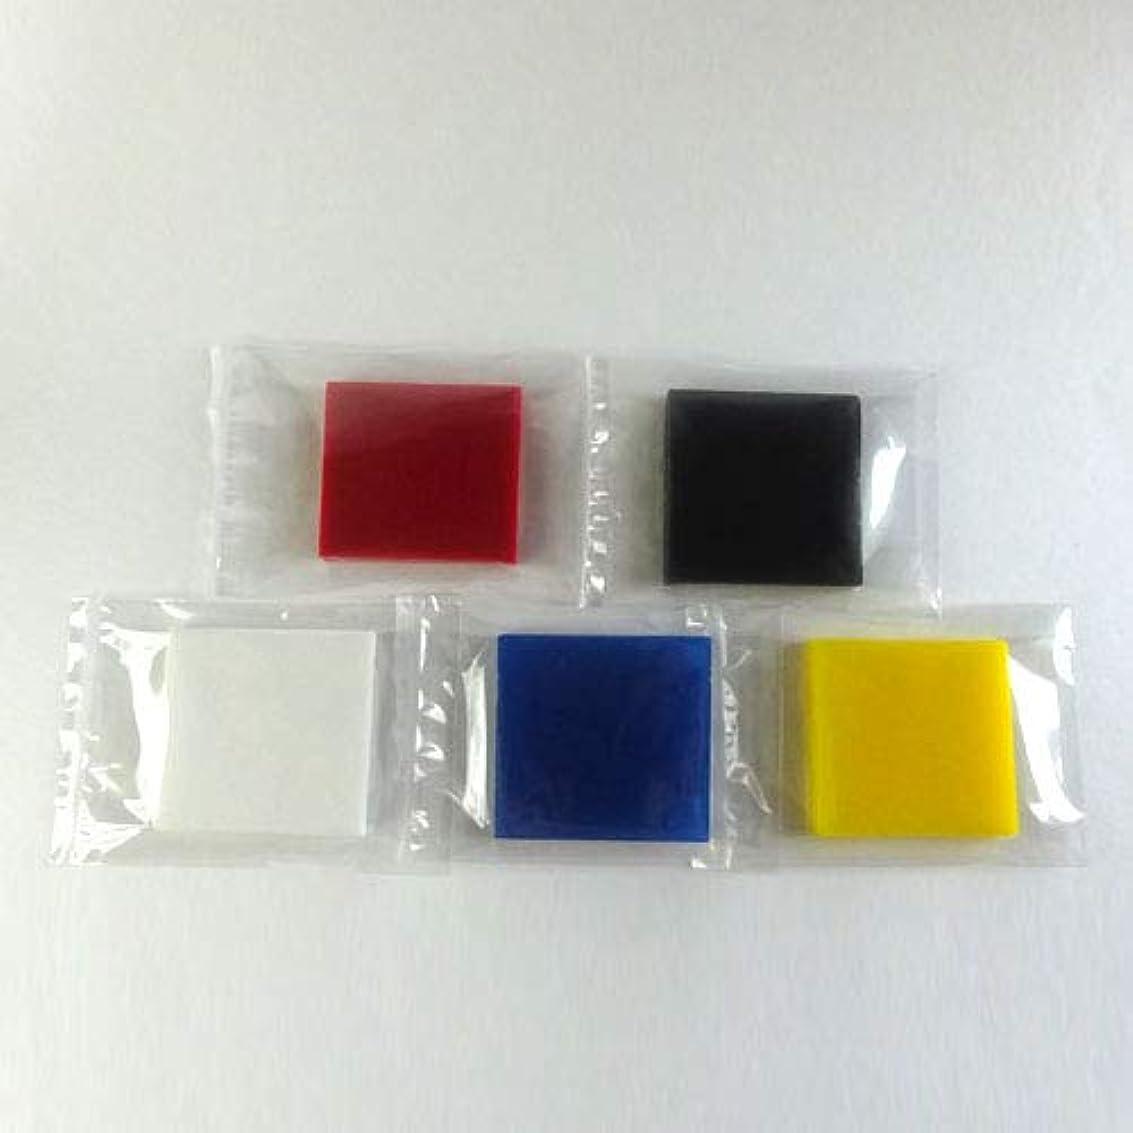 トーナメント現像いうグリセリンソープ MPソープ 色チップ 5色(赤?青?黄?白?黒) 各60g(30g x 2pc)